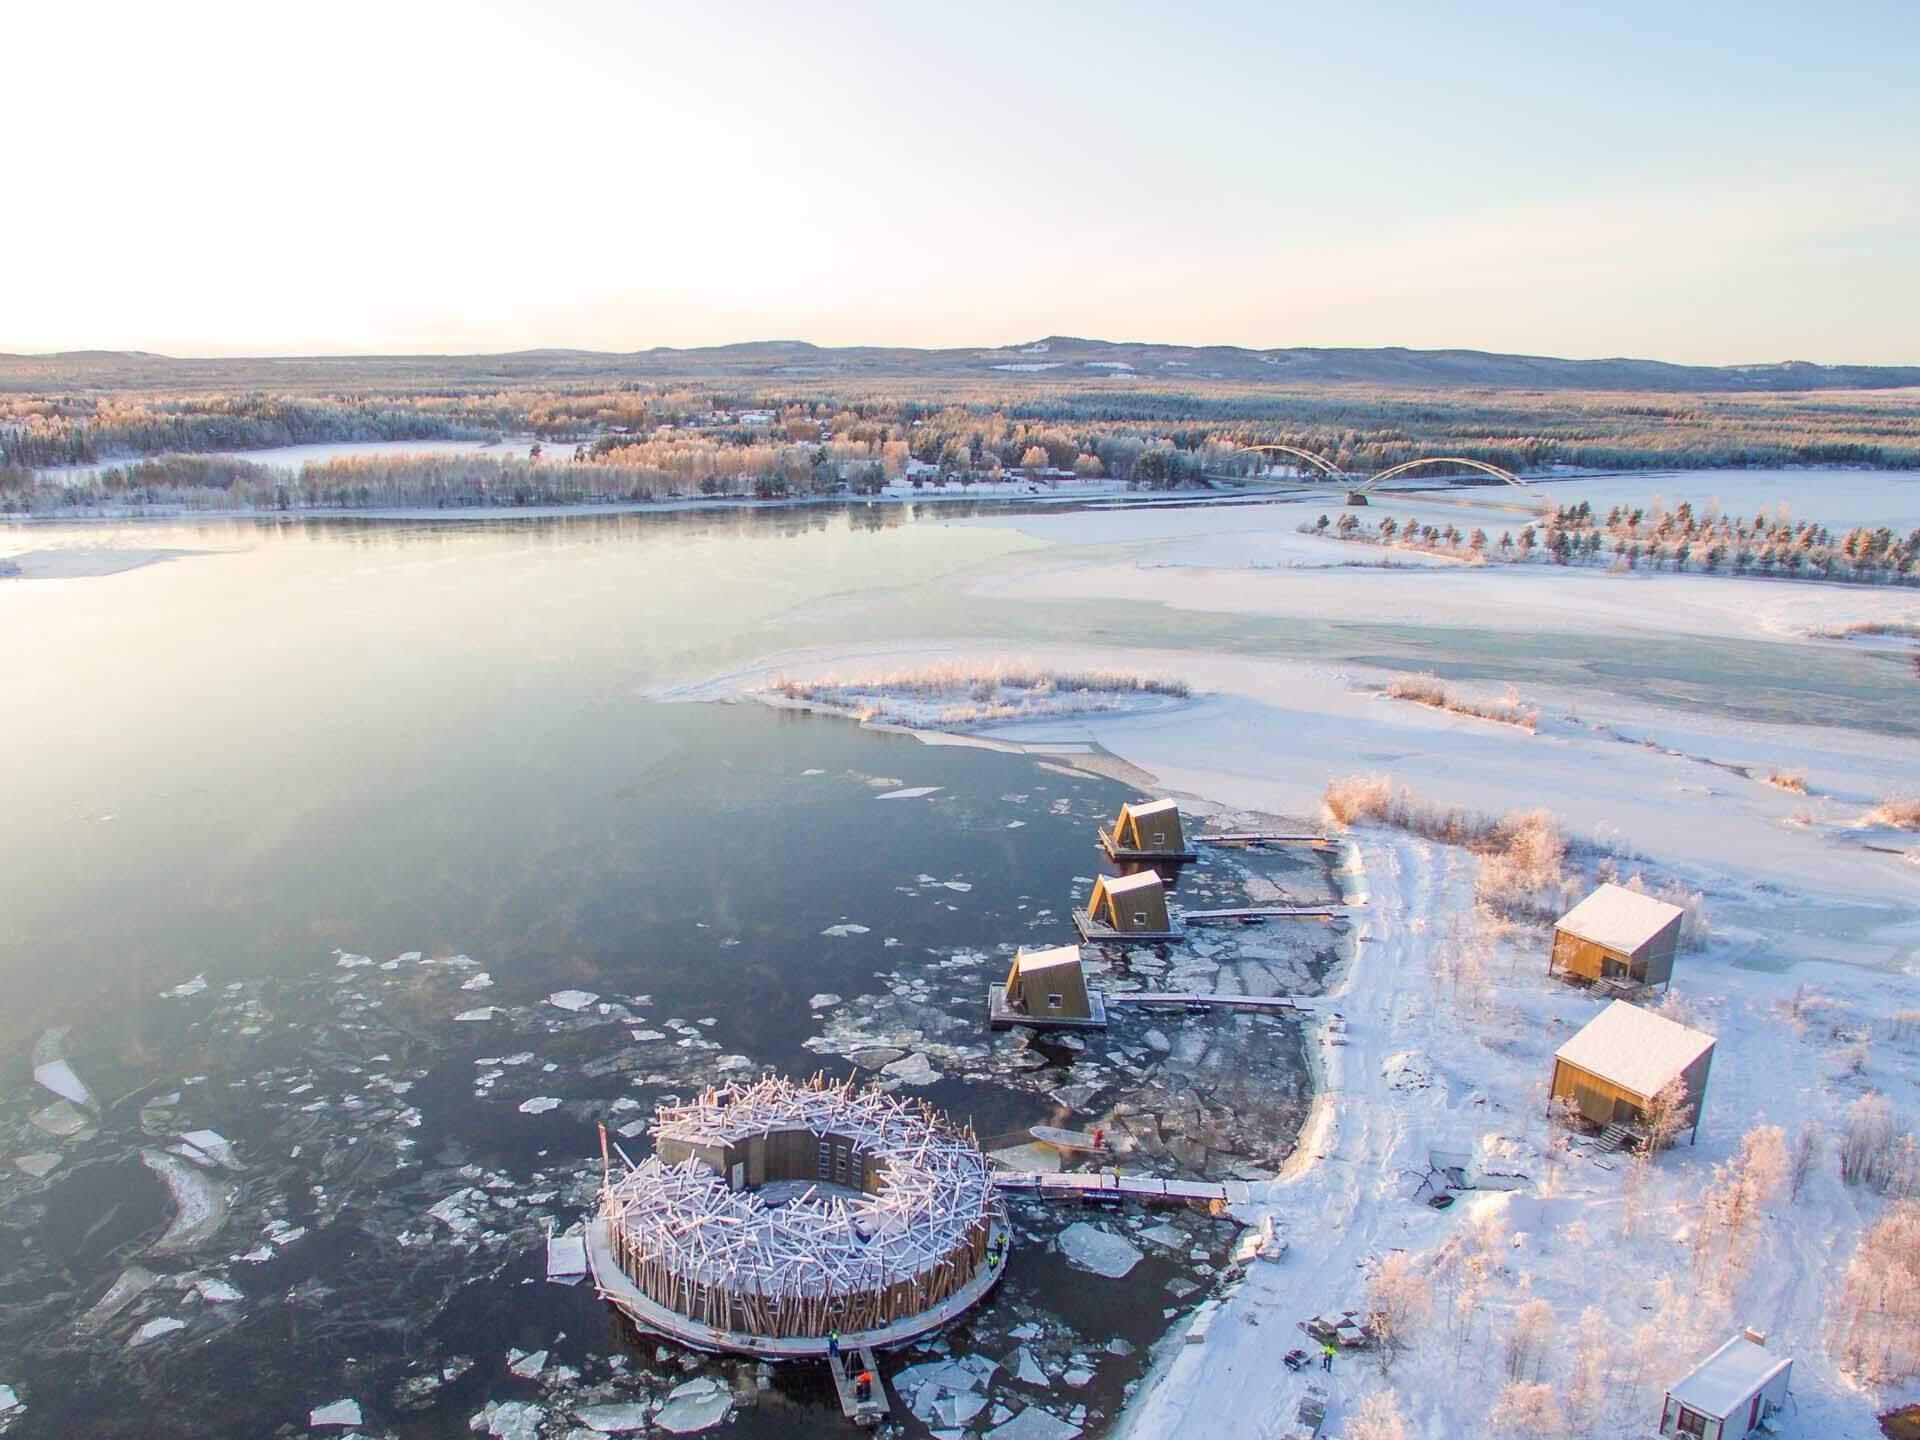 Les lodges en Laponie vue du ciel © Anders Blomqvist